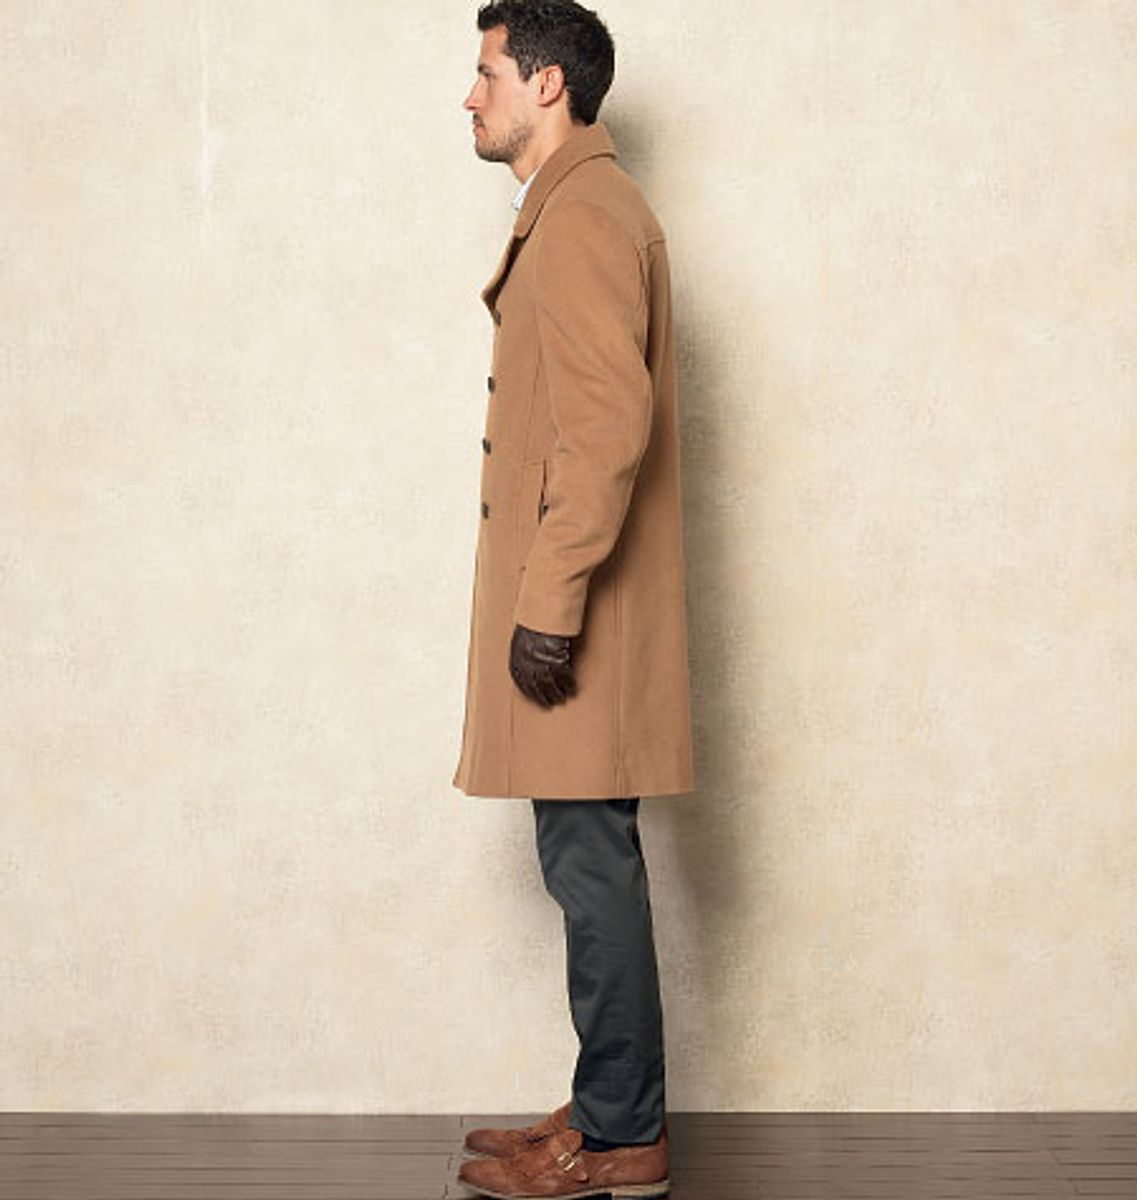 Patron de veste et pantalon - Vogue 8940